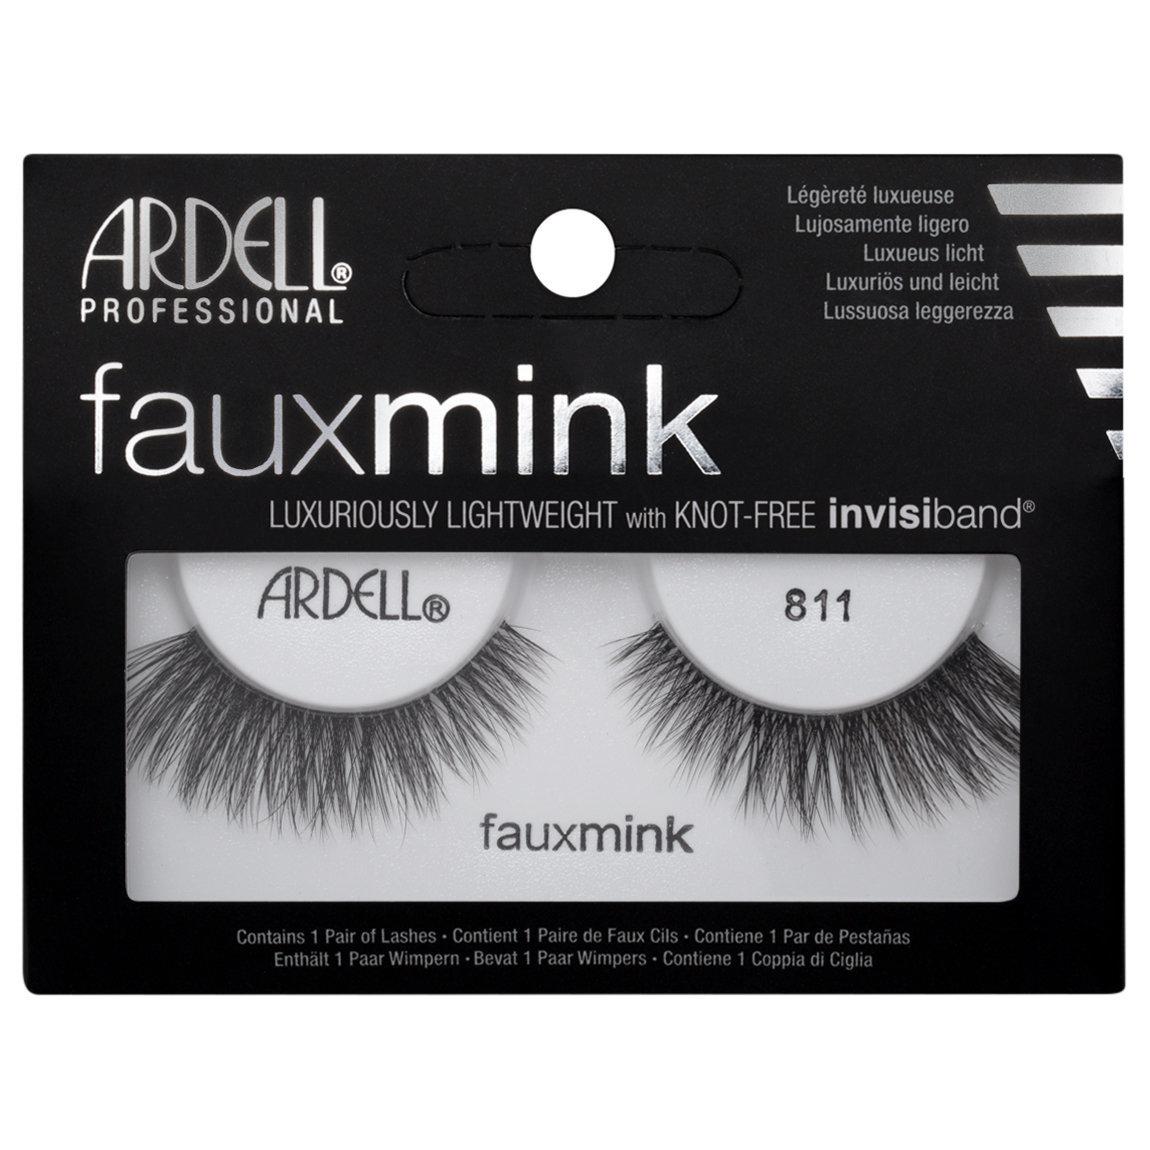 Ardell Faux Mink Lashes 811 Black Beautylish